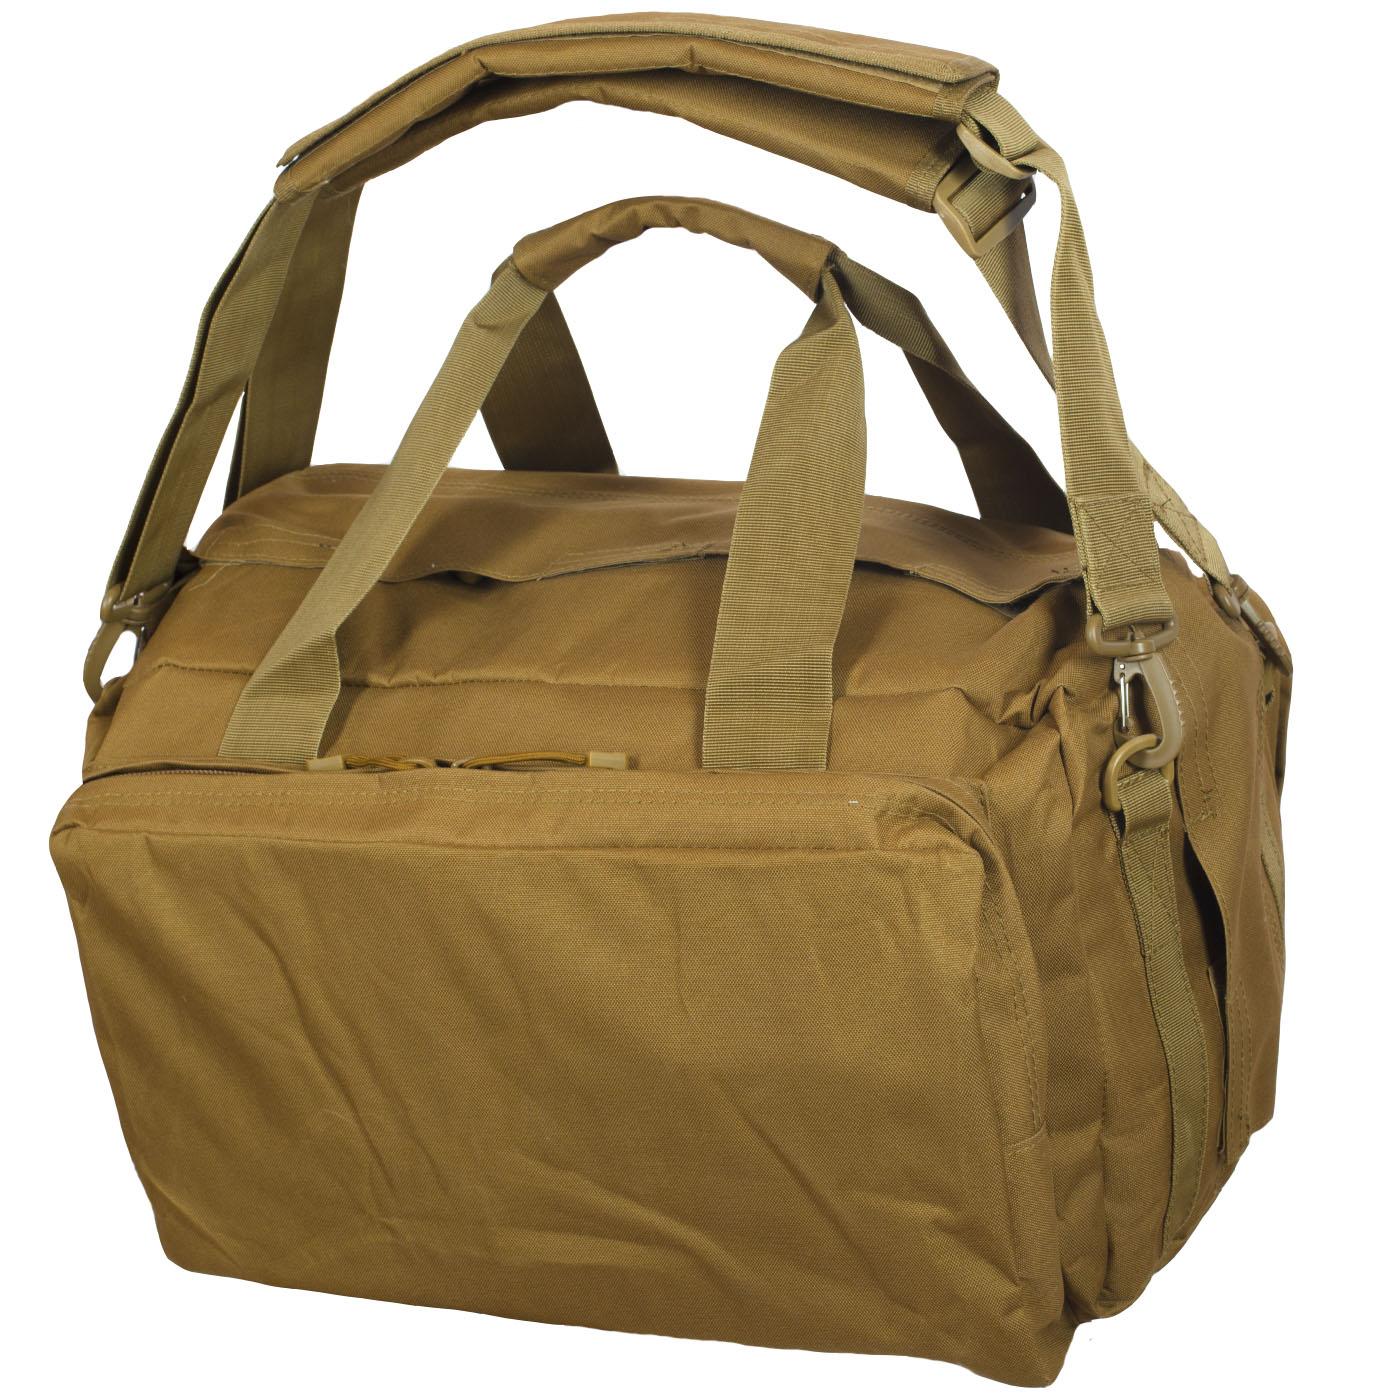 Армейская надежная сумка-рюкзак с нашивкой Танковые Войска - купить онлайн